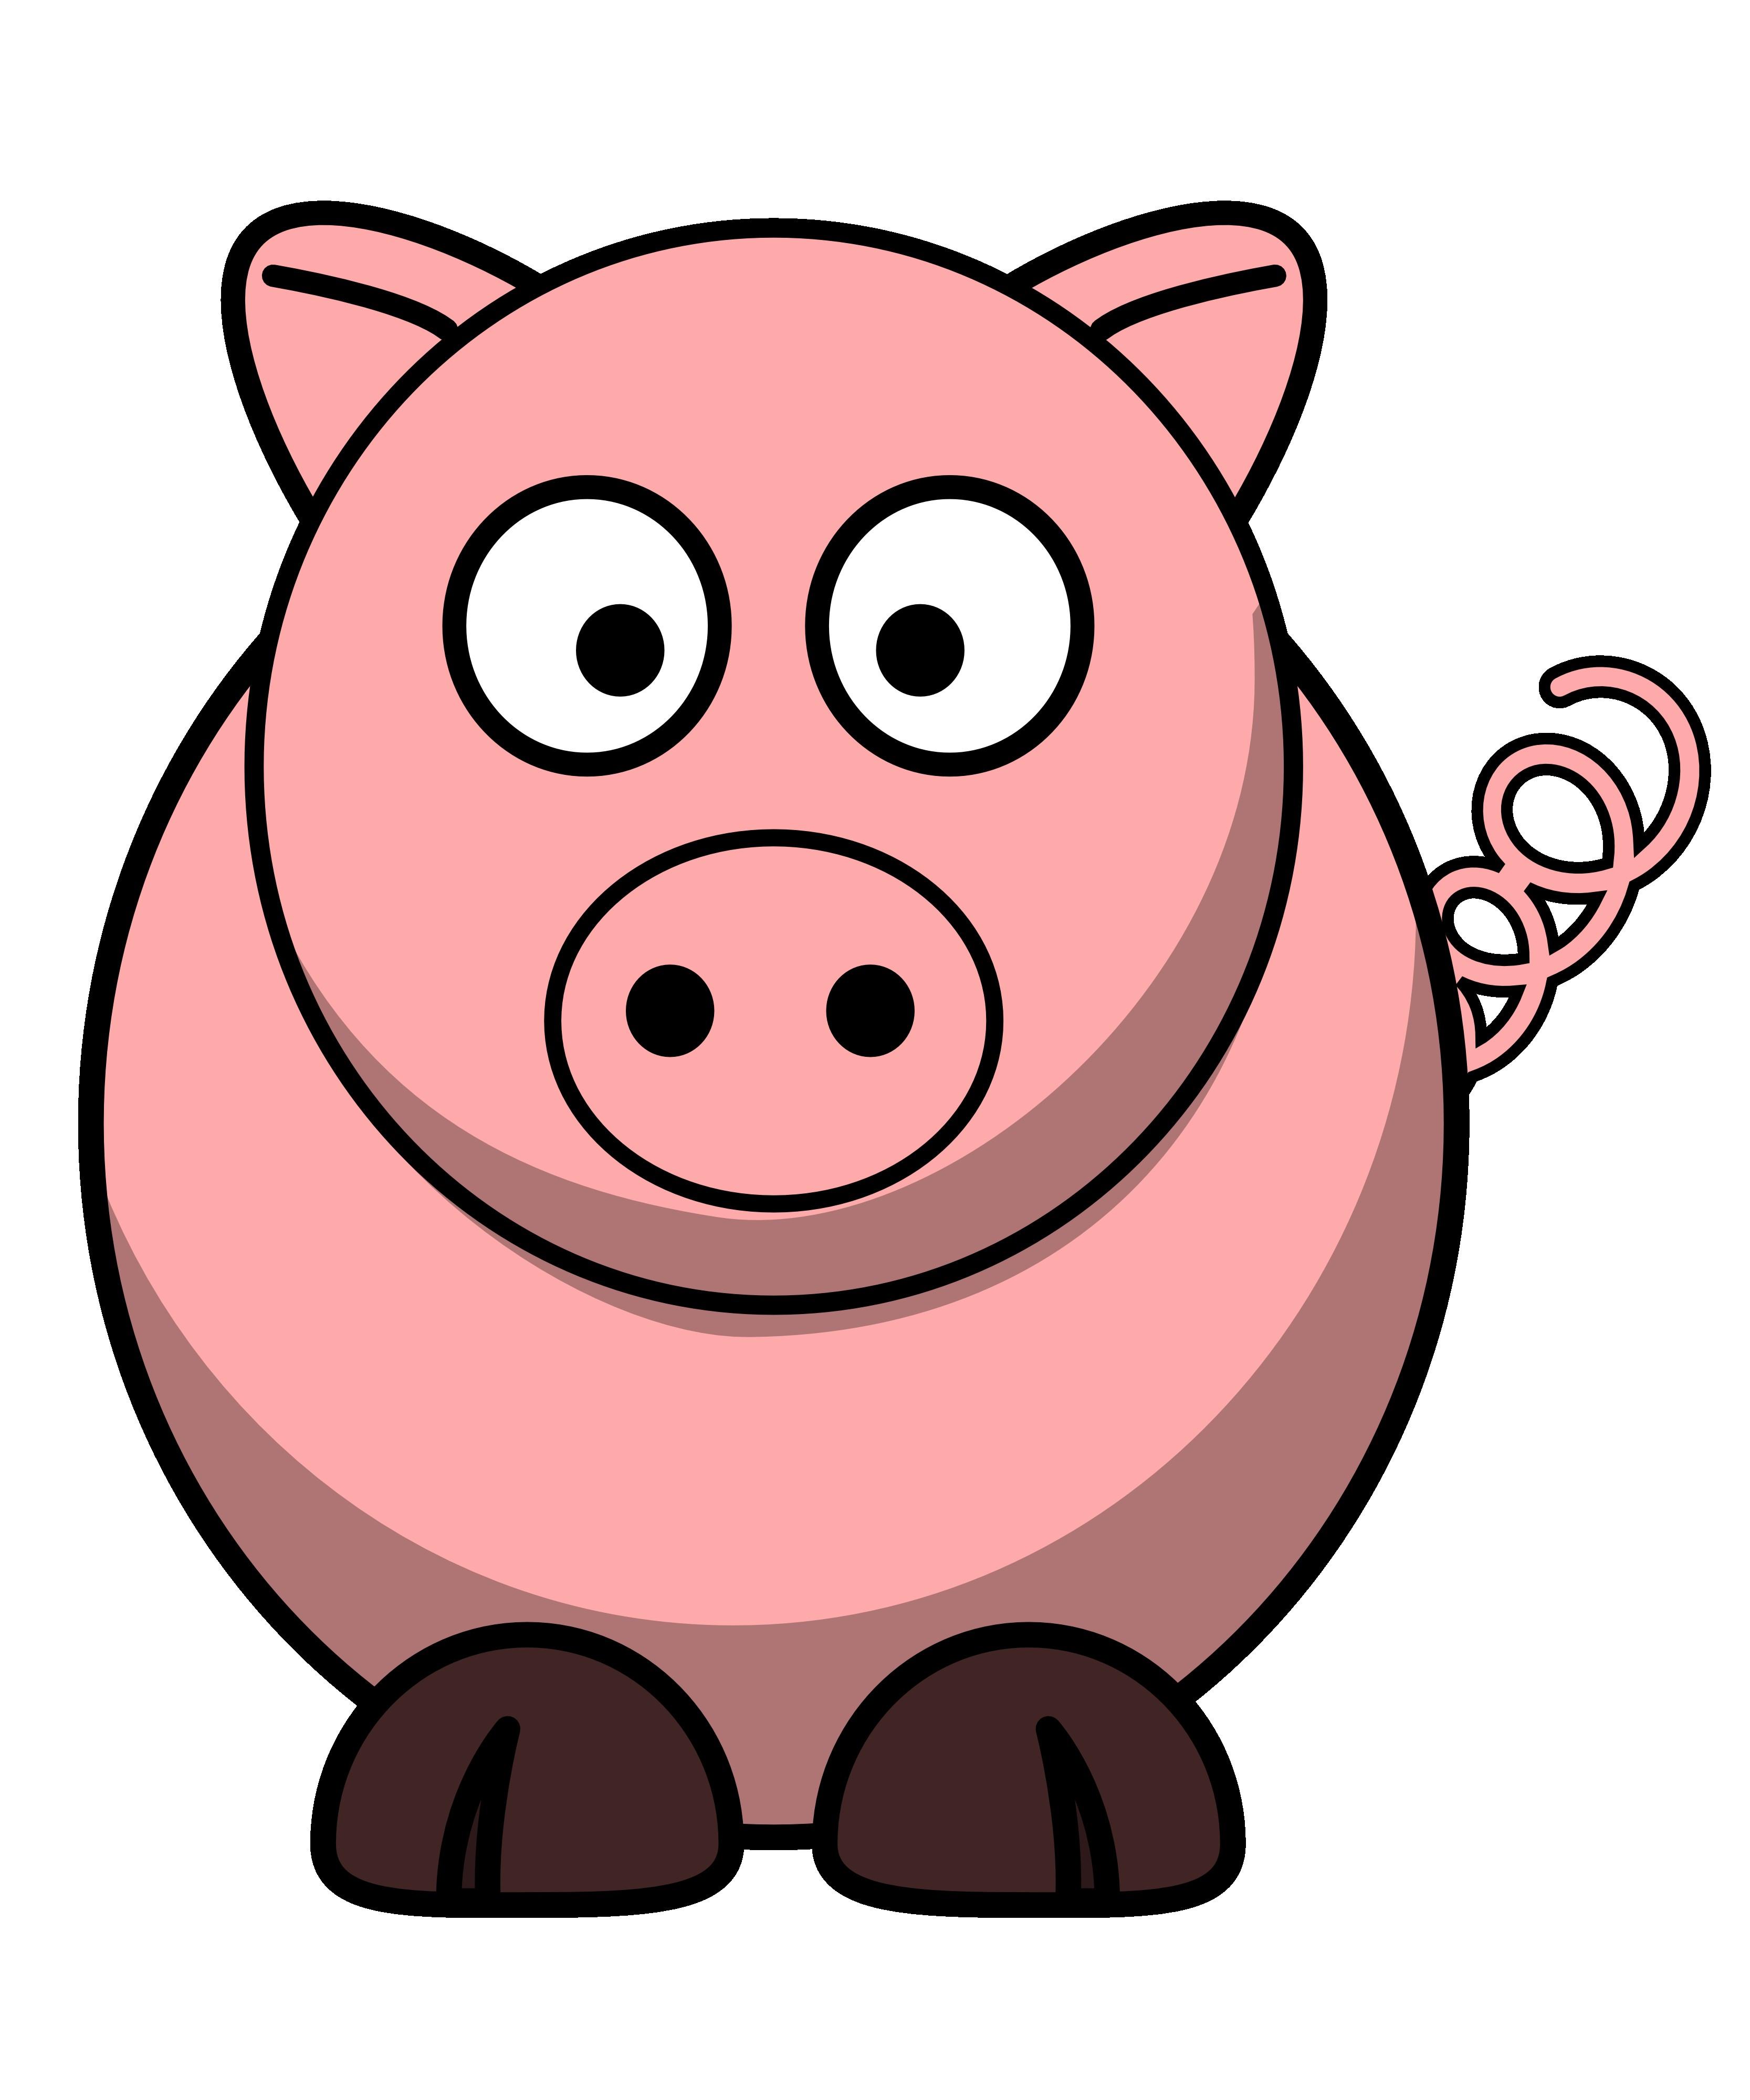 Pig Clip Art-Pig Clip Art-6